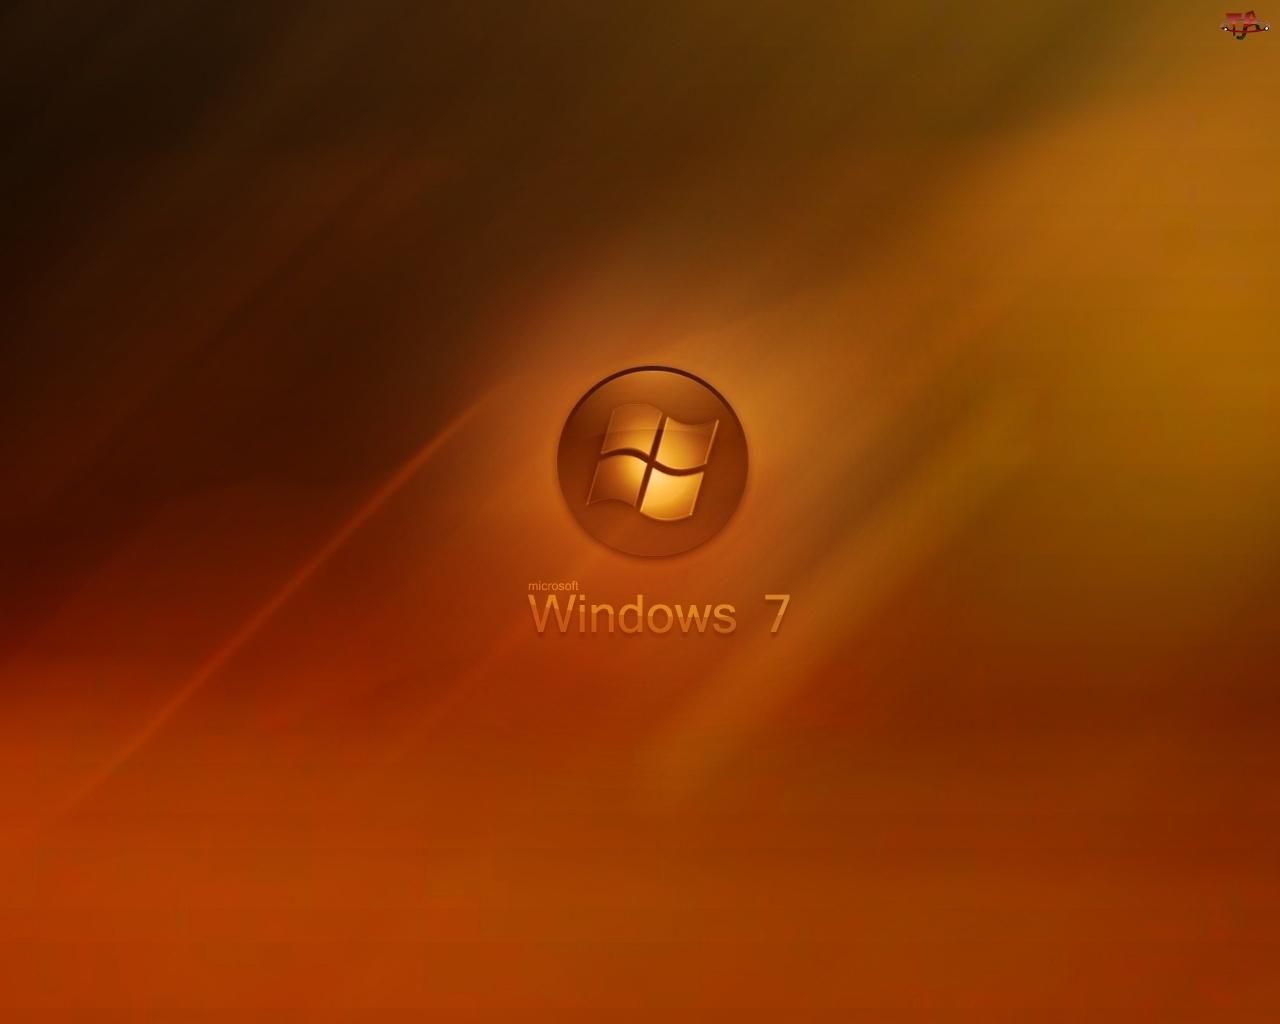 Pomarańcz, Windows 7, Logo